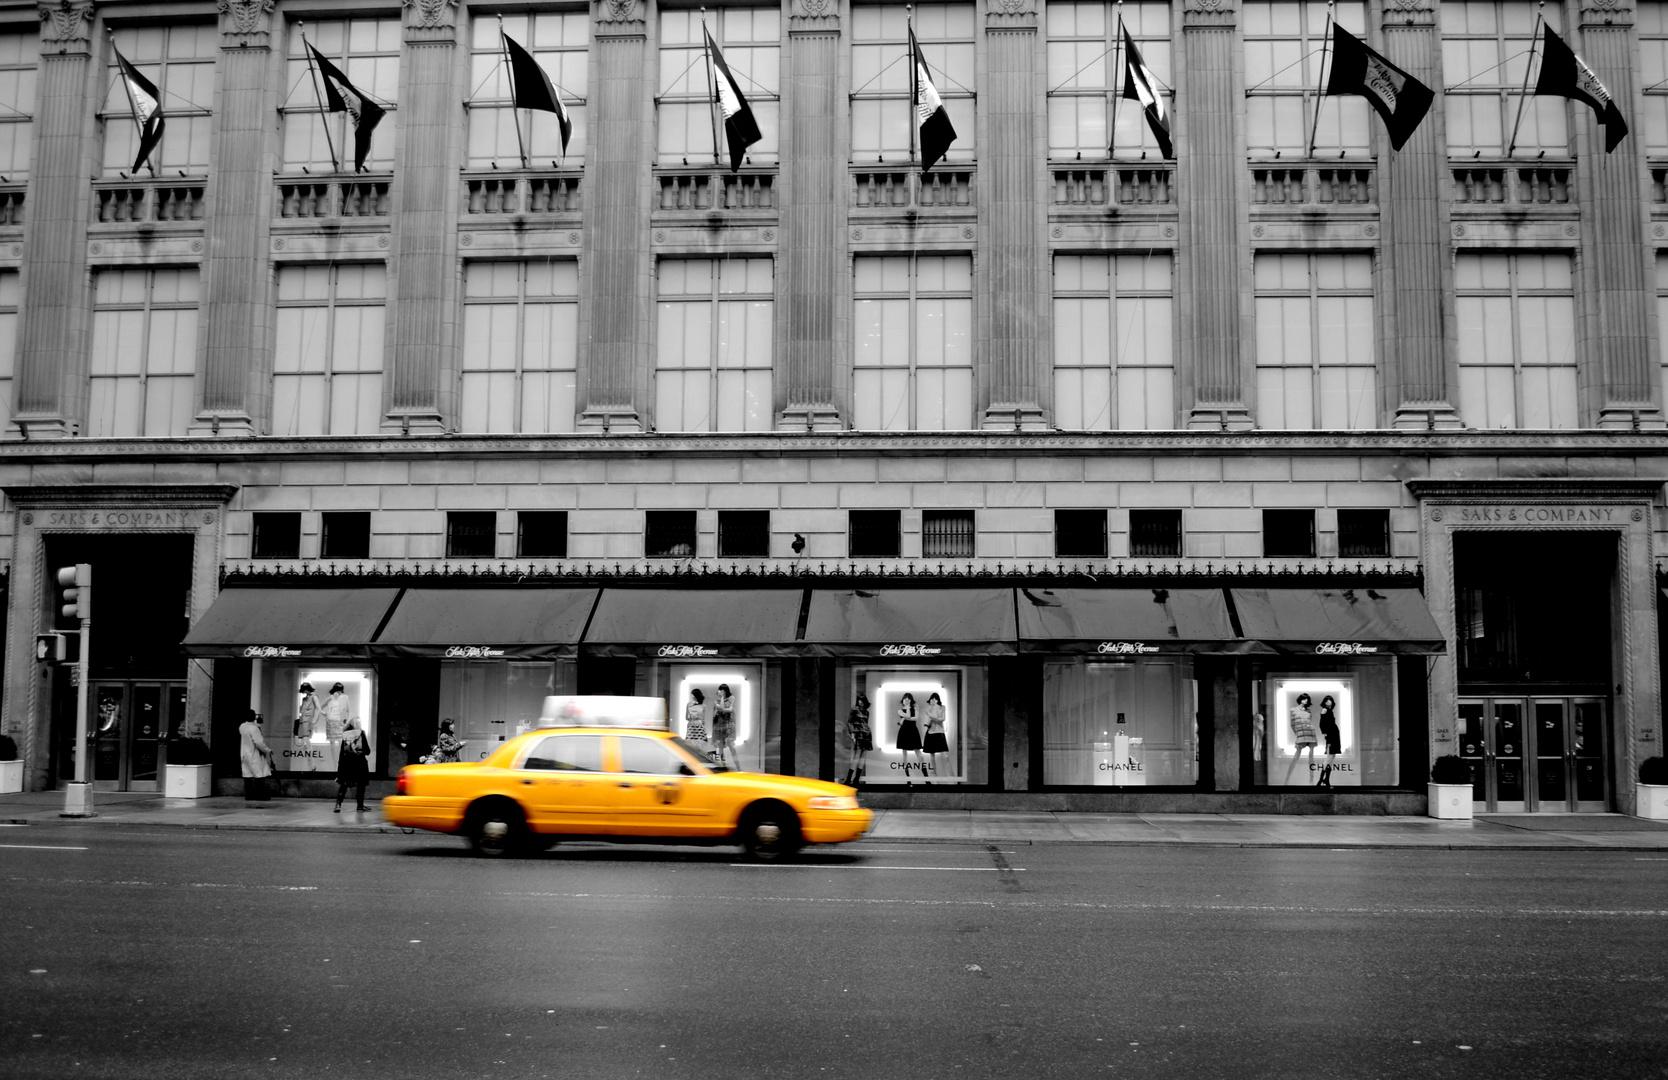 Das typische Taxifoto ;)